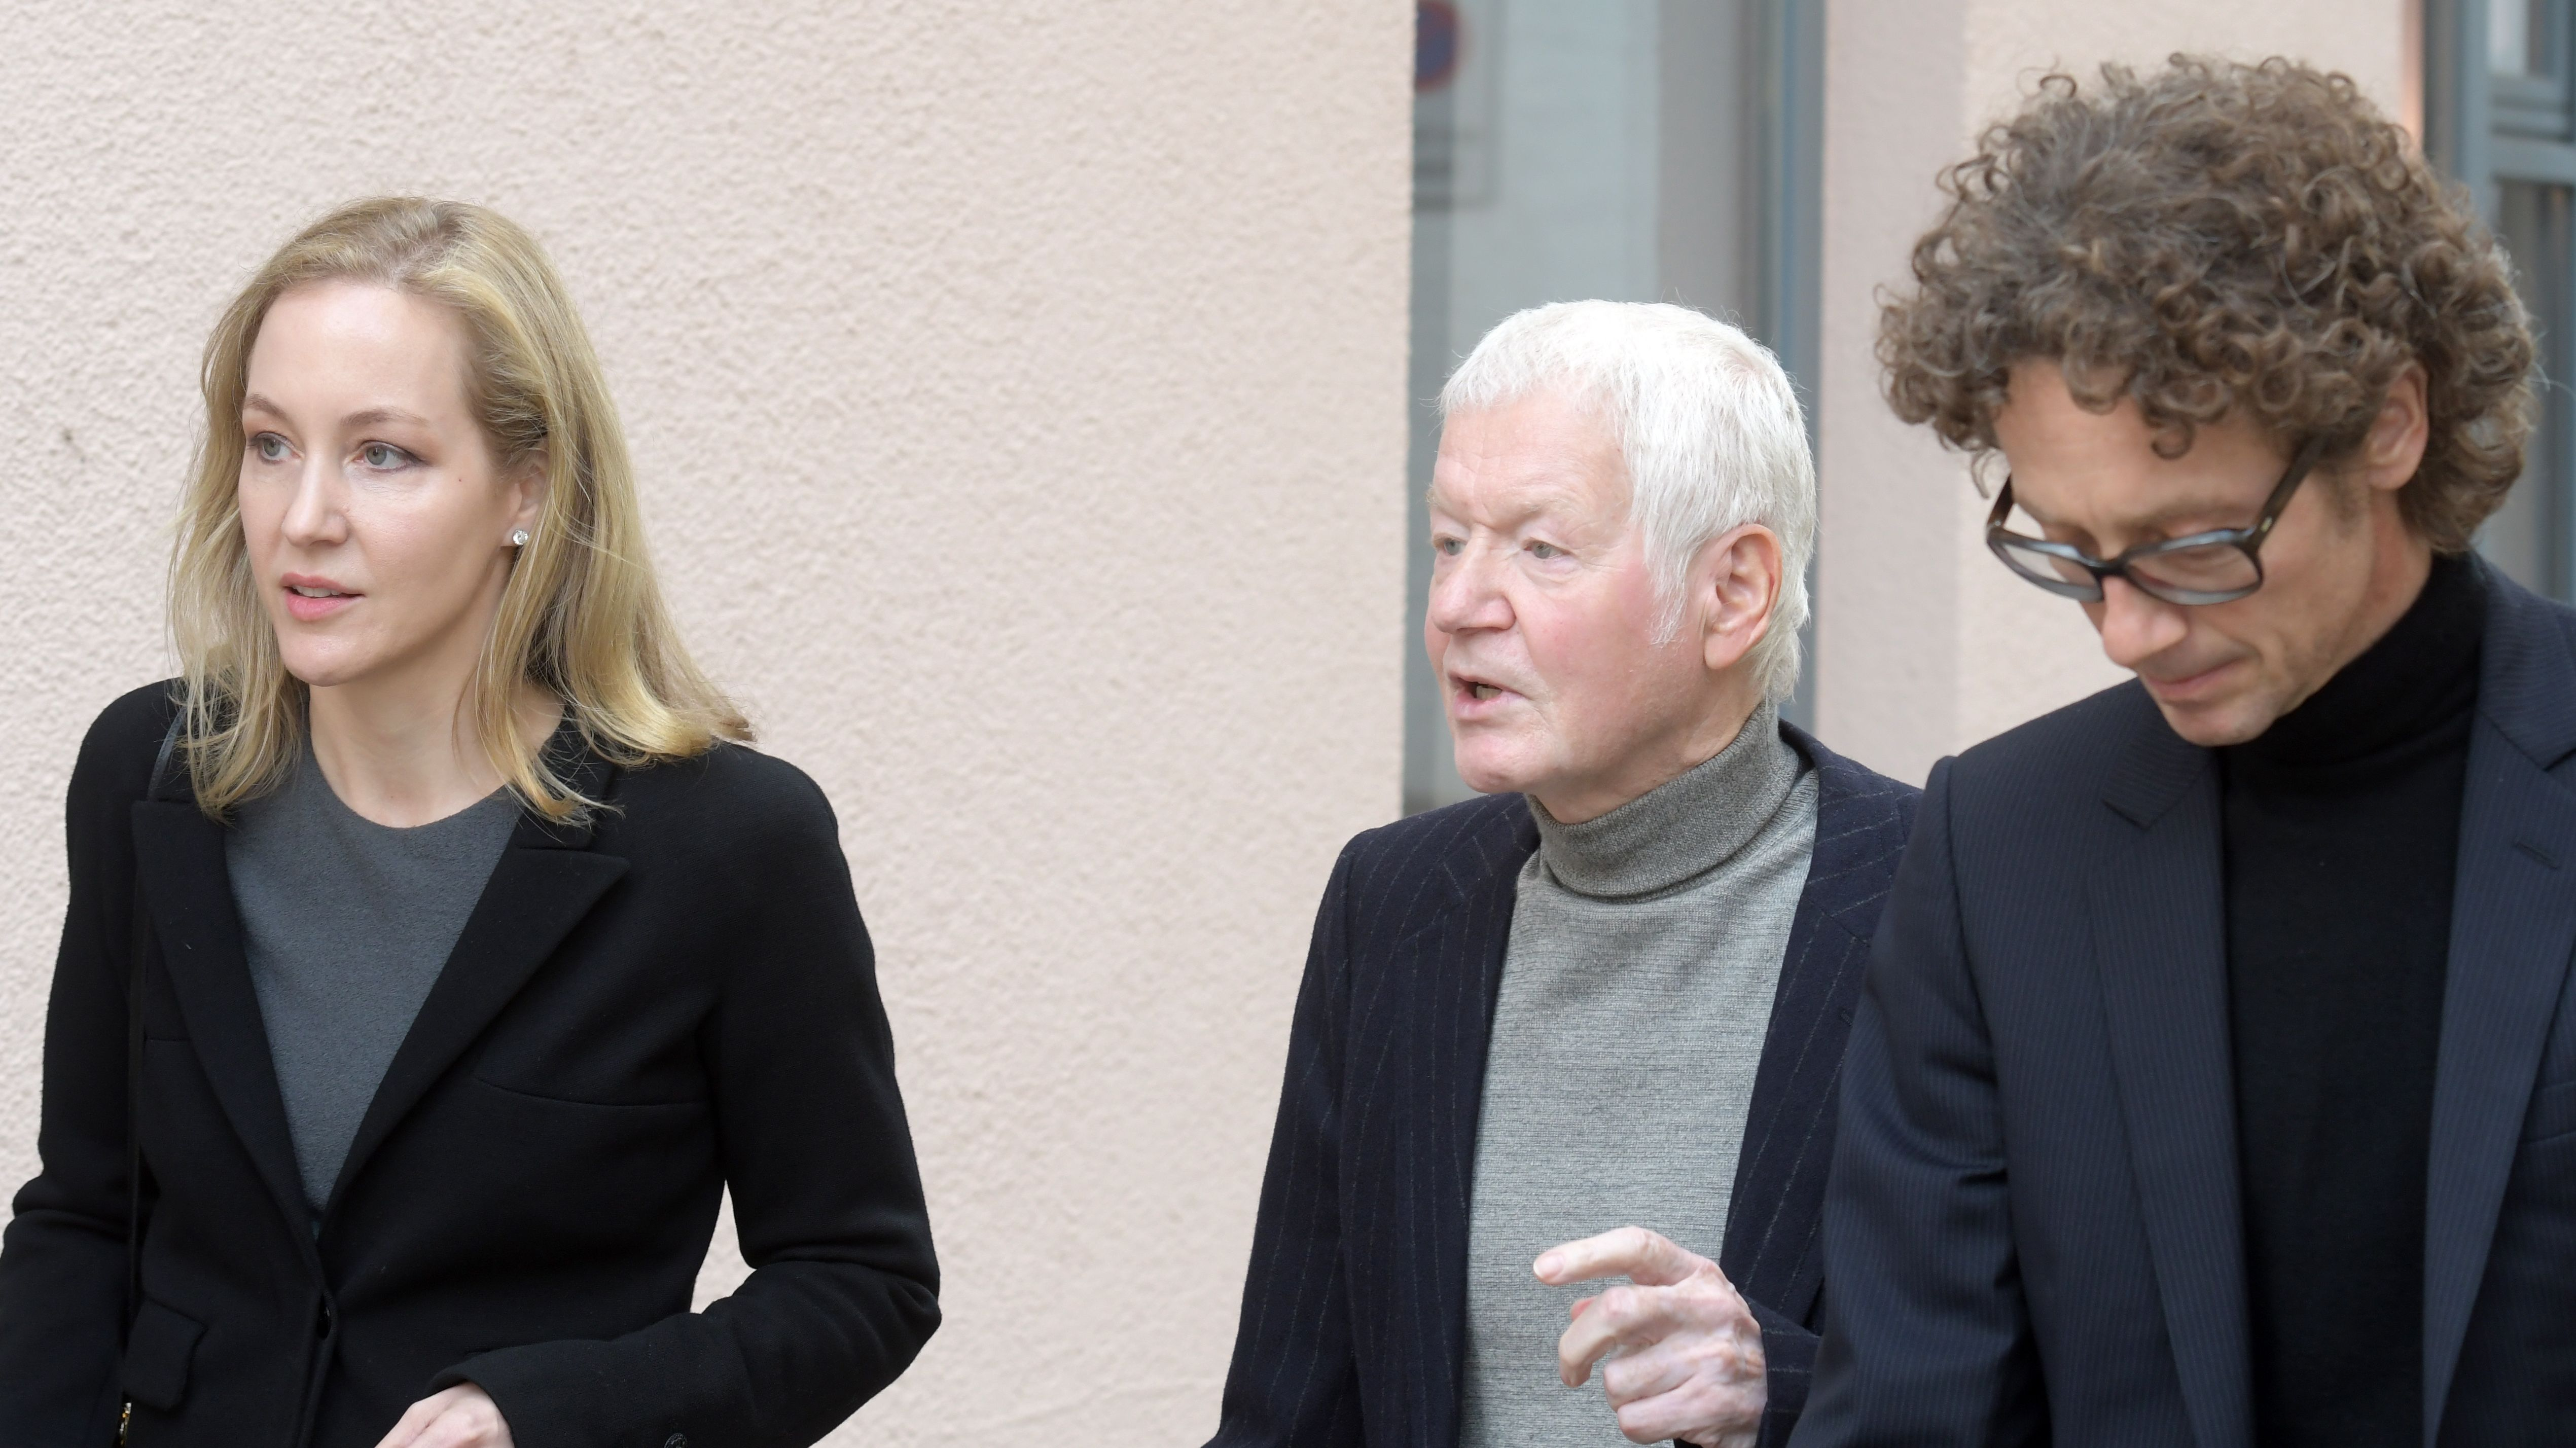 Meike und Lars Schlecker gehen mit ihrem Vater Anton Schlecker (M) in Ehingen (Baden-Württemberg) durch